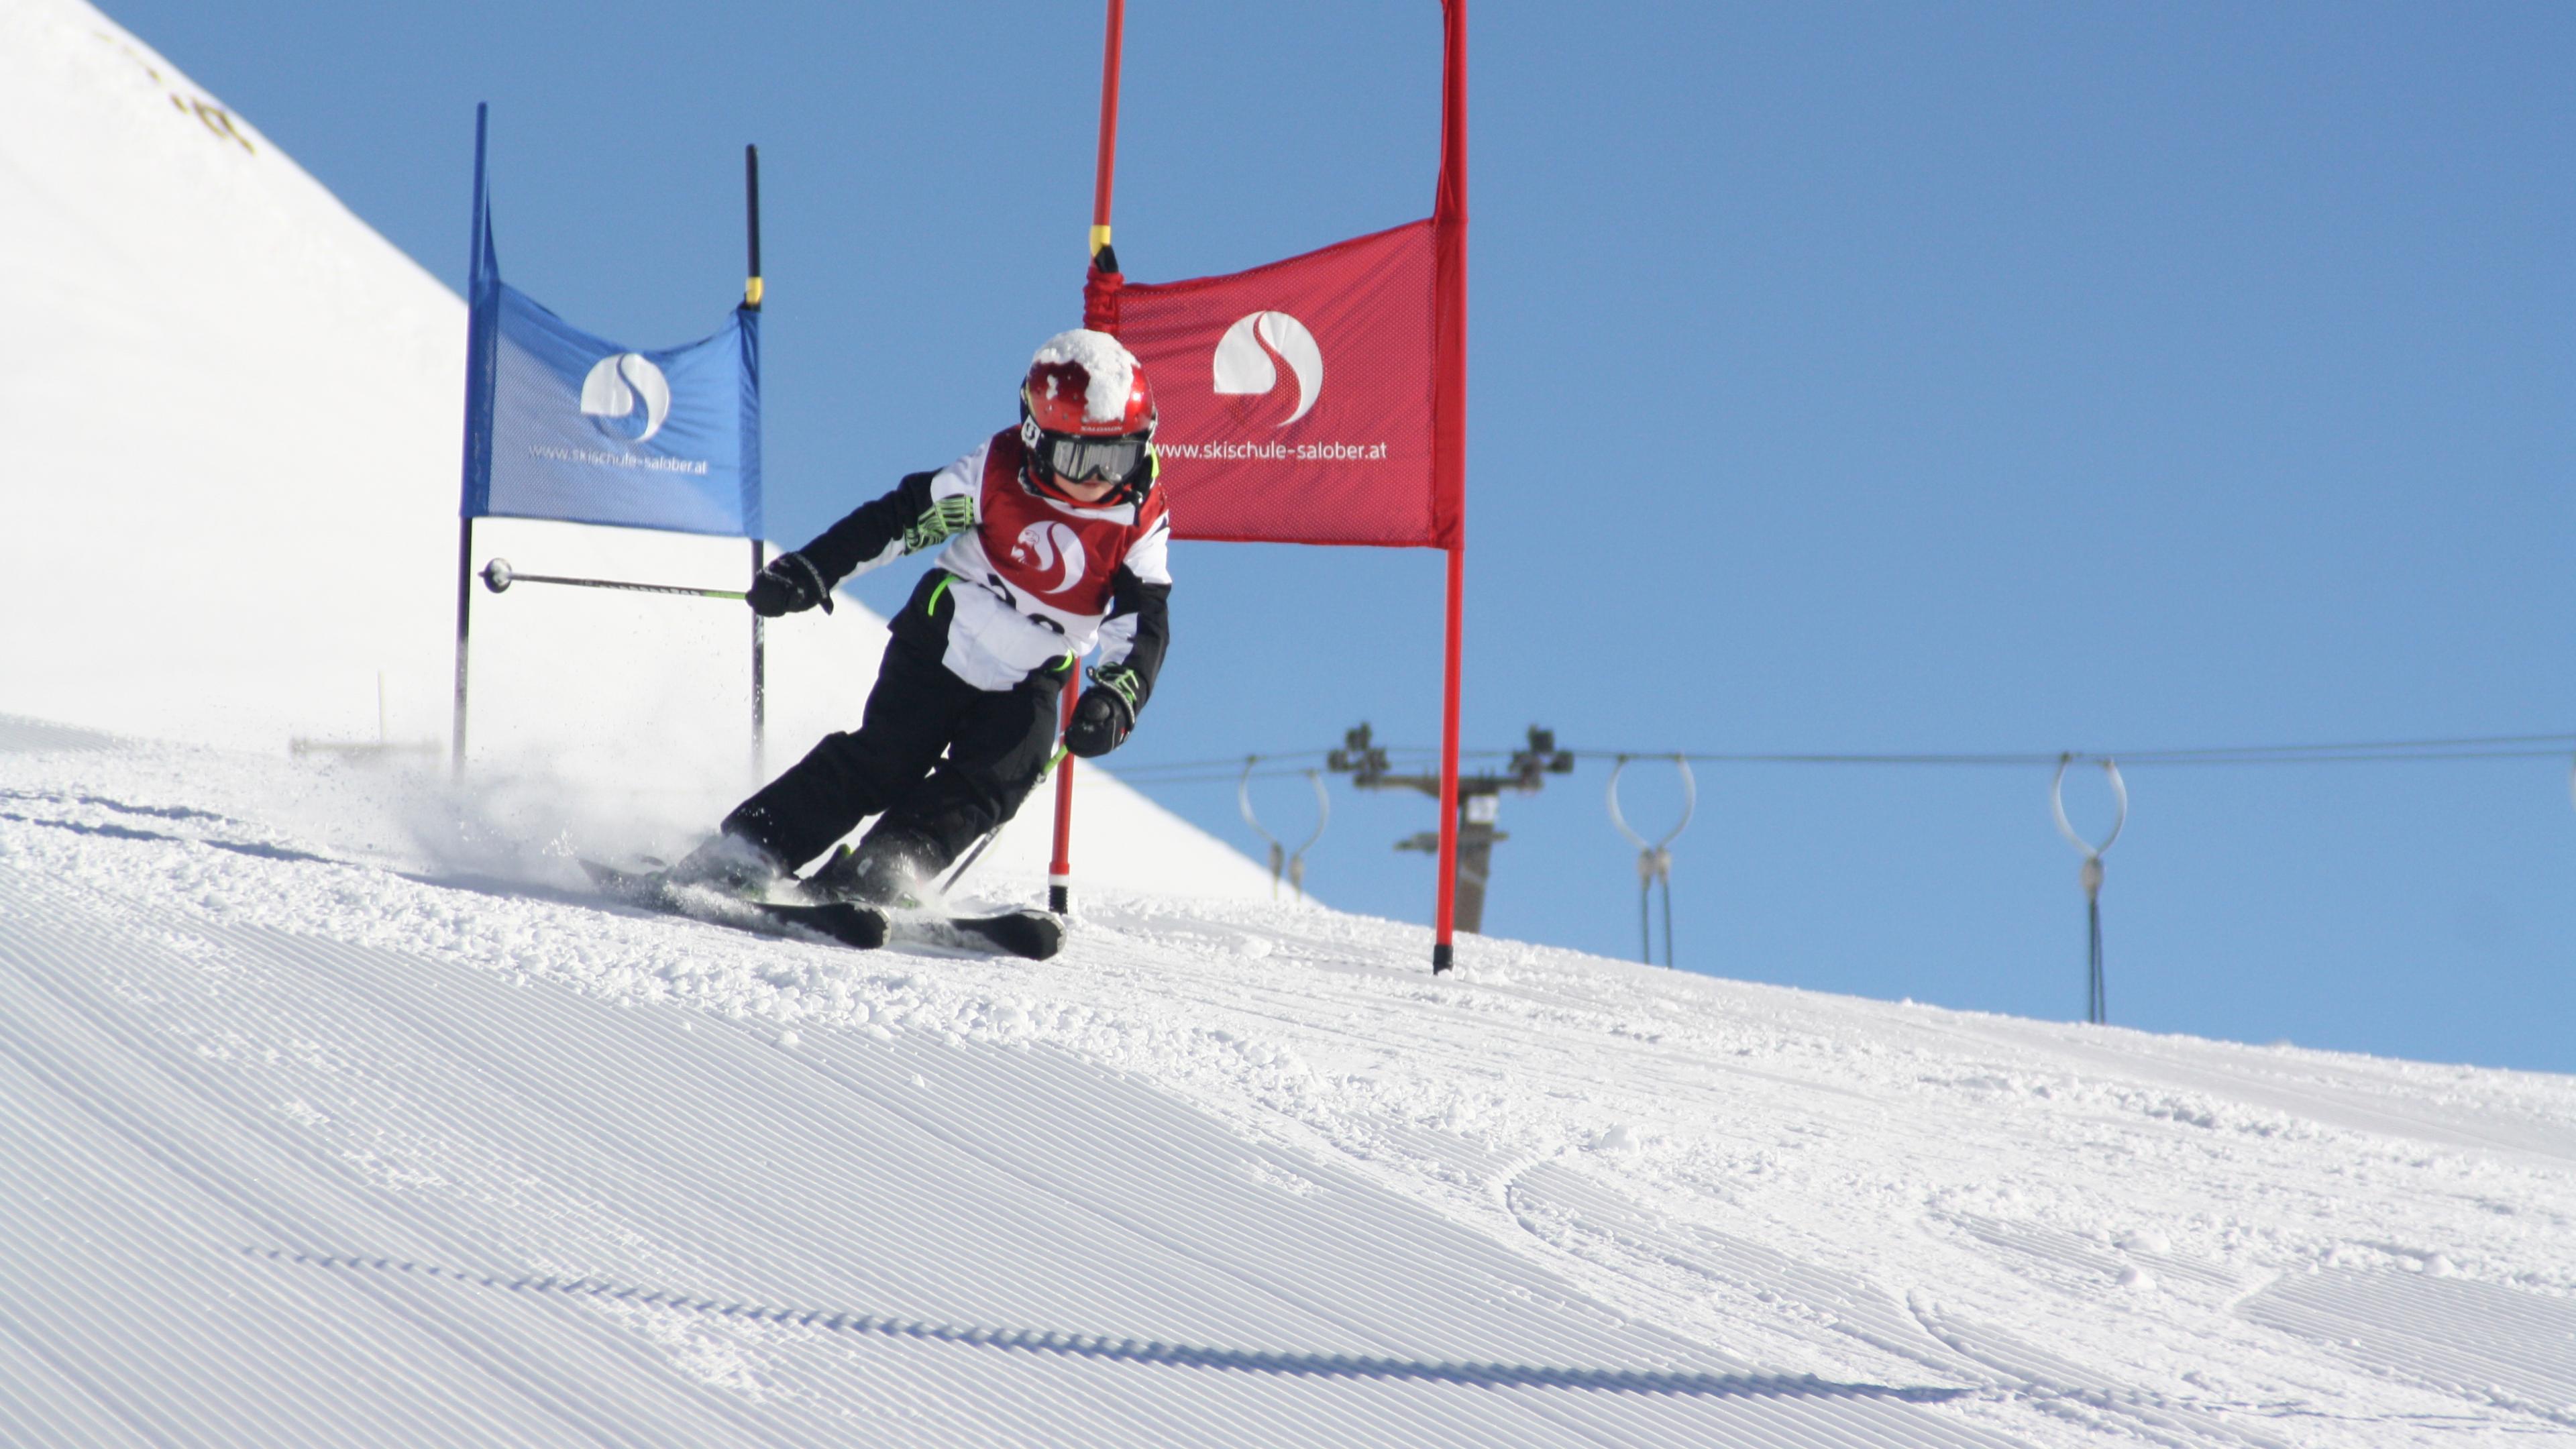 Groepslessen skiën voor kinderen (4-12 jaar) - Gevorderden